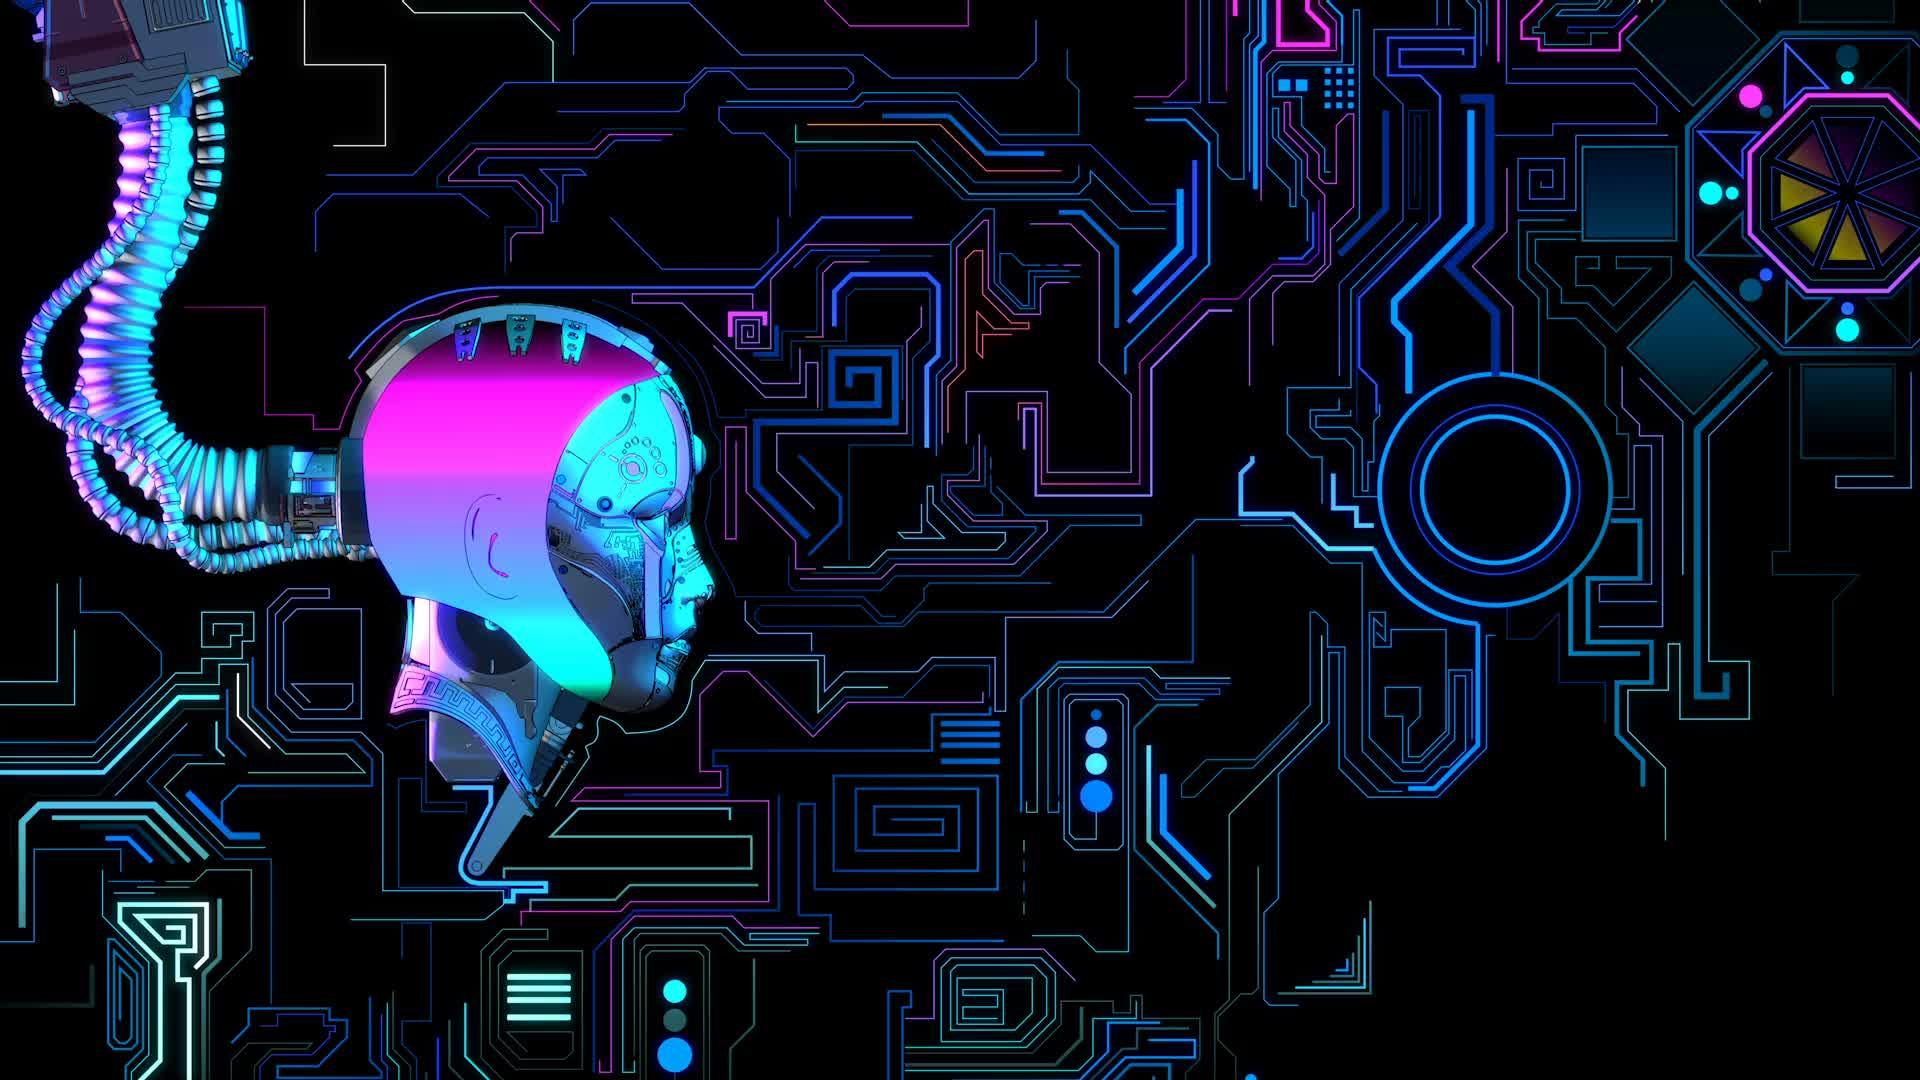 Матрица - сознание - живые обои